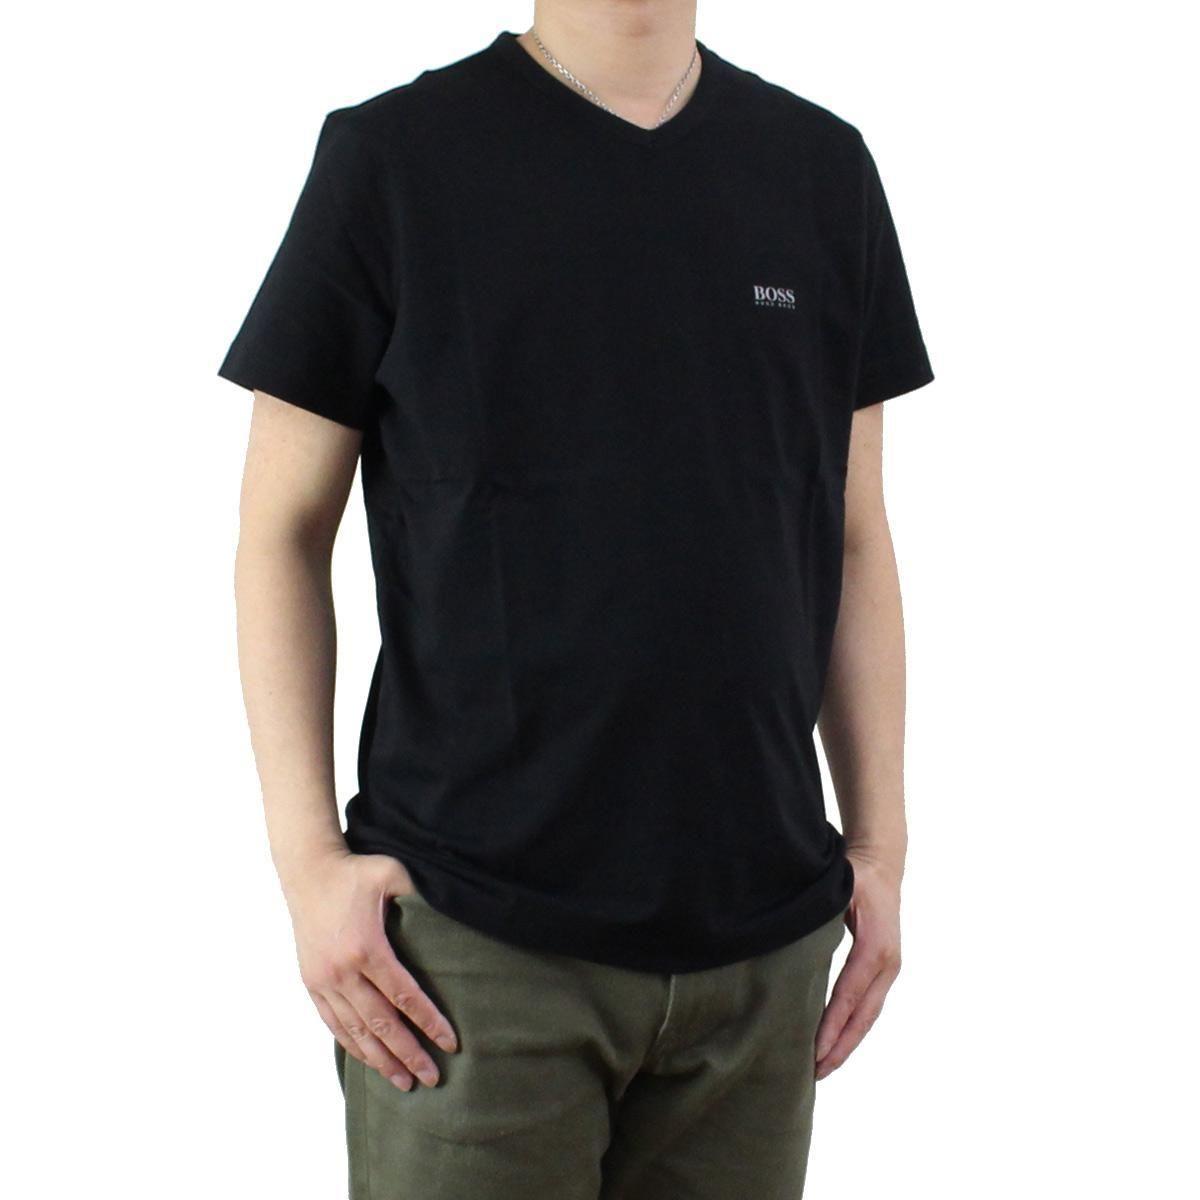 ヒューゴ・ボス (HUGO BOSS) TEEVN メンズ Vネック Tシャツ 50271056 10106415 001 ブラック サイズ(#M)